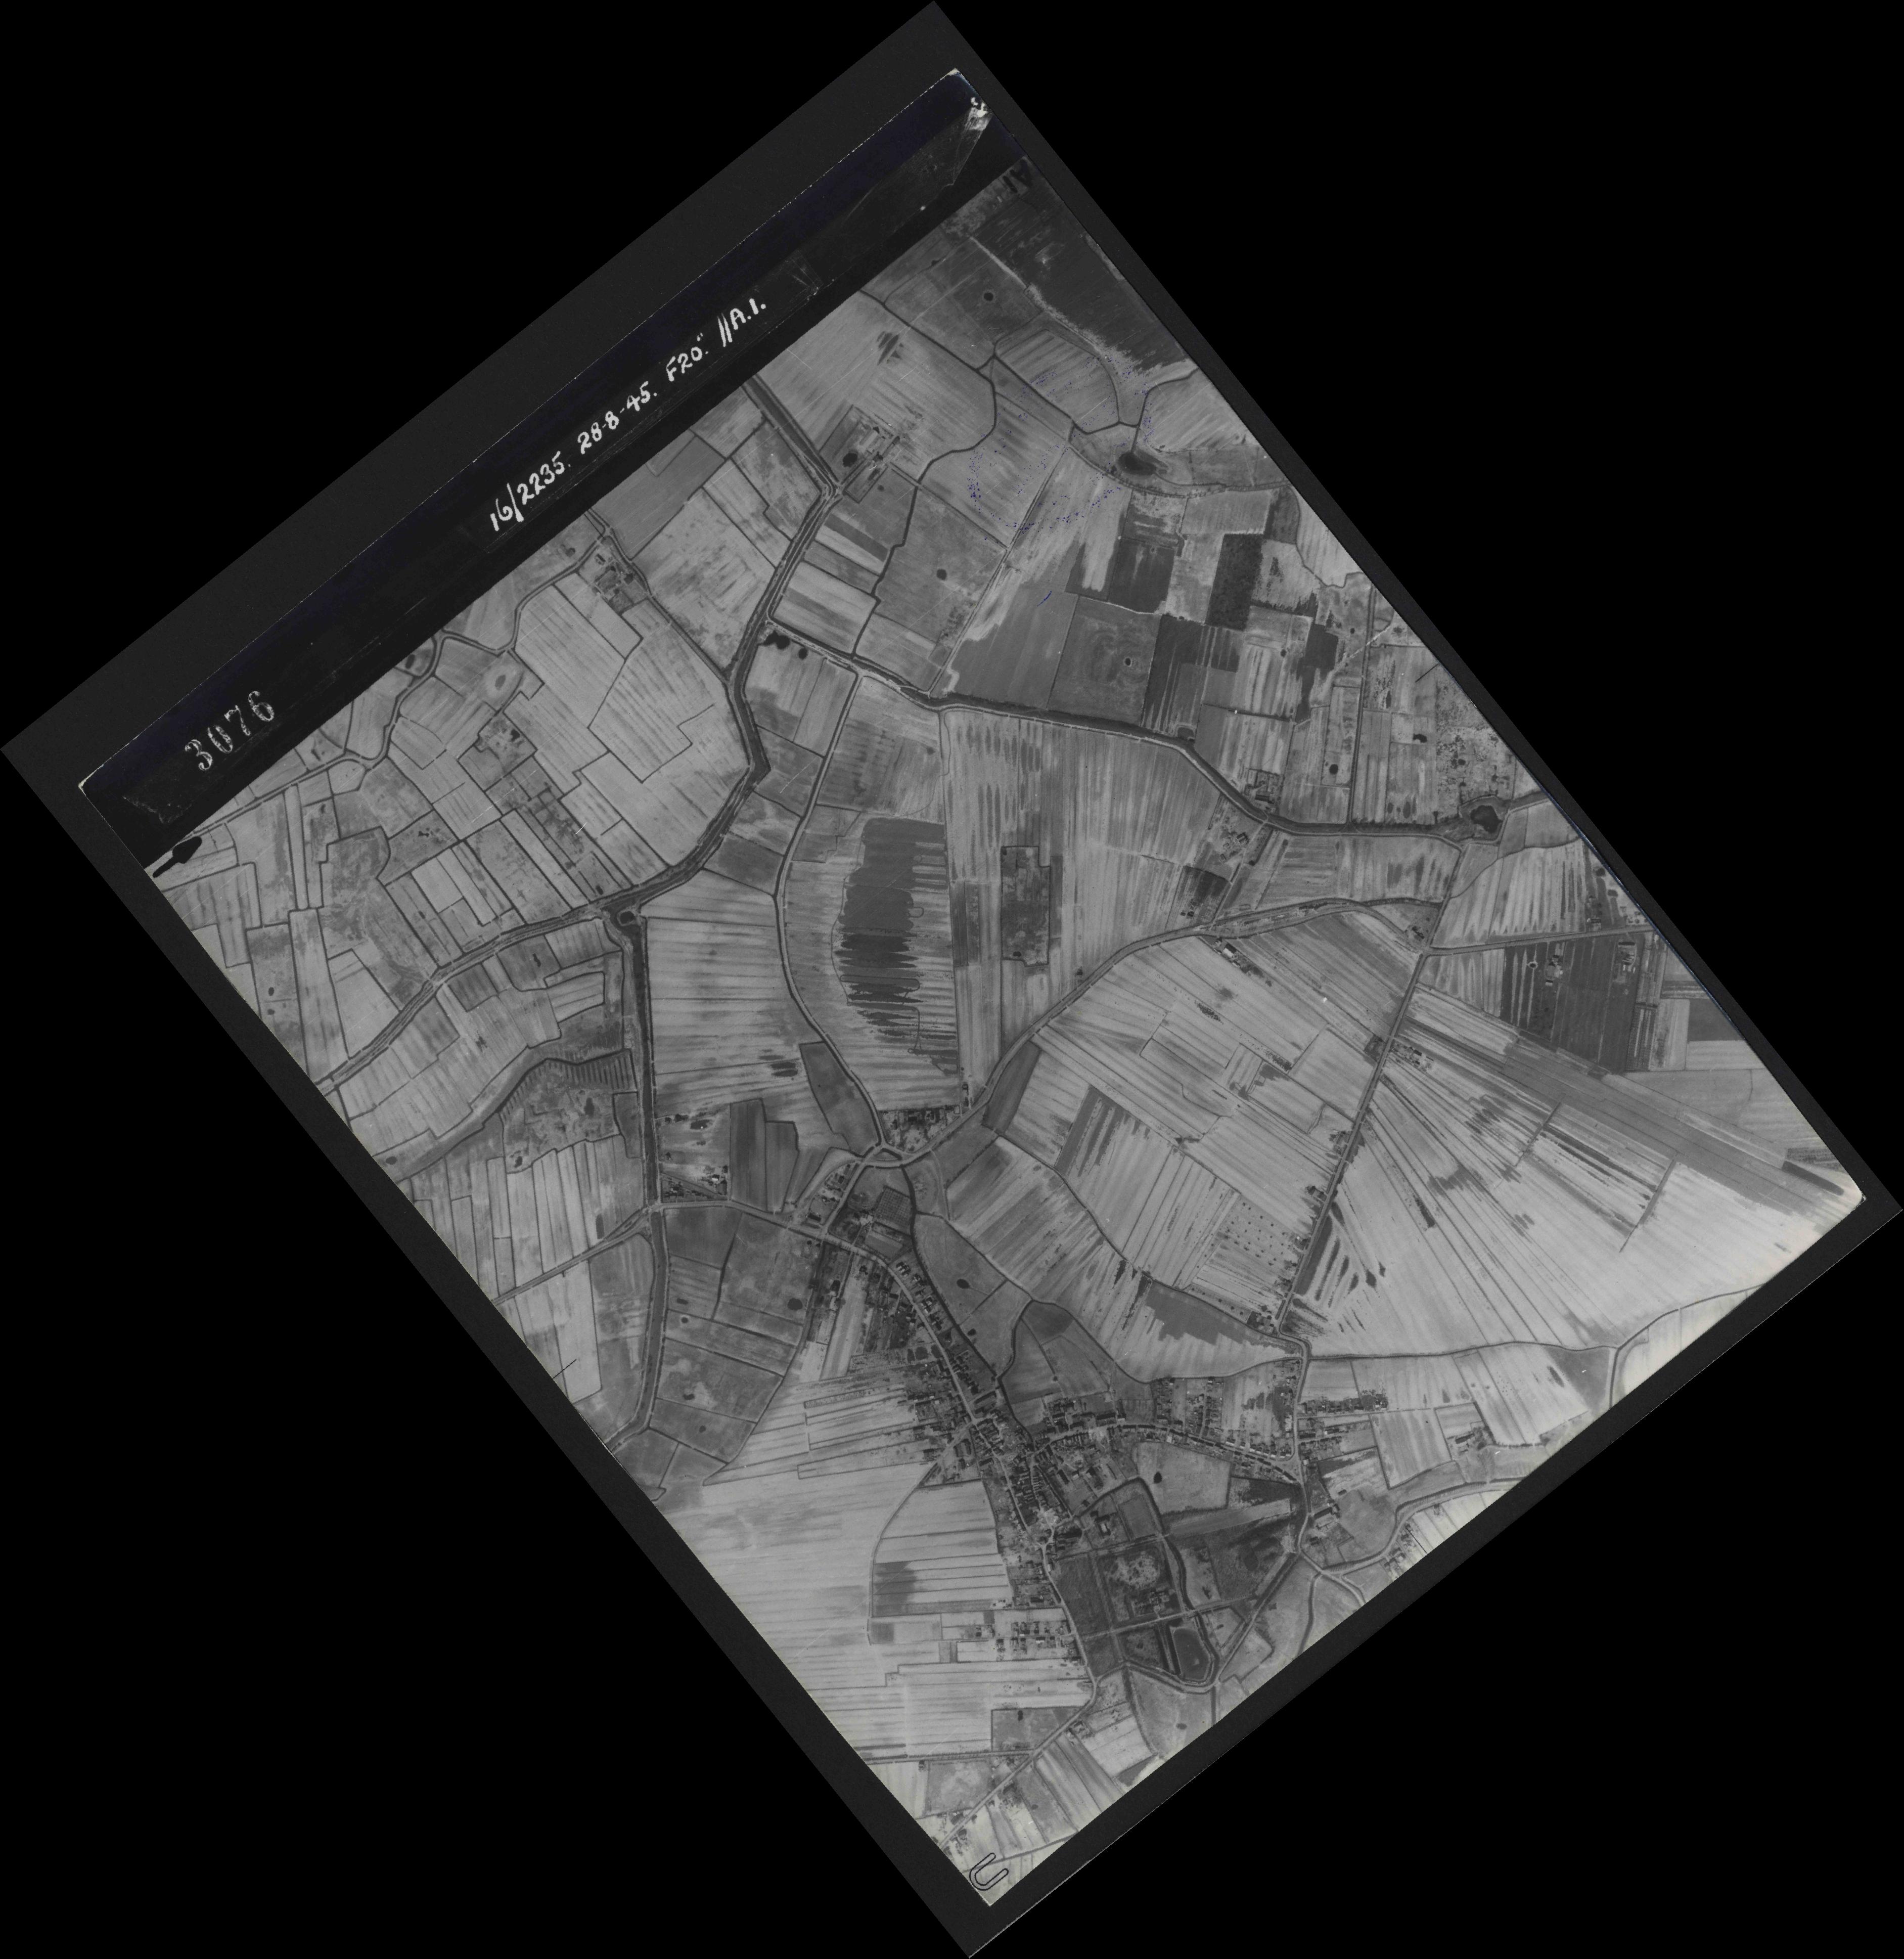 Collection RAF aerial photos 1940-1945 - flight 033, run 09, photo 3076